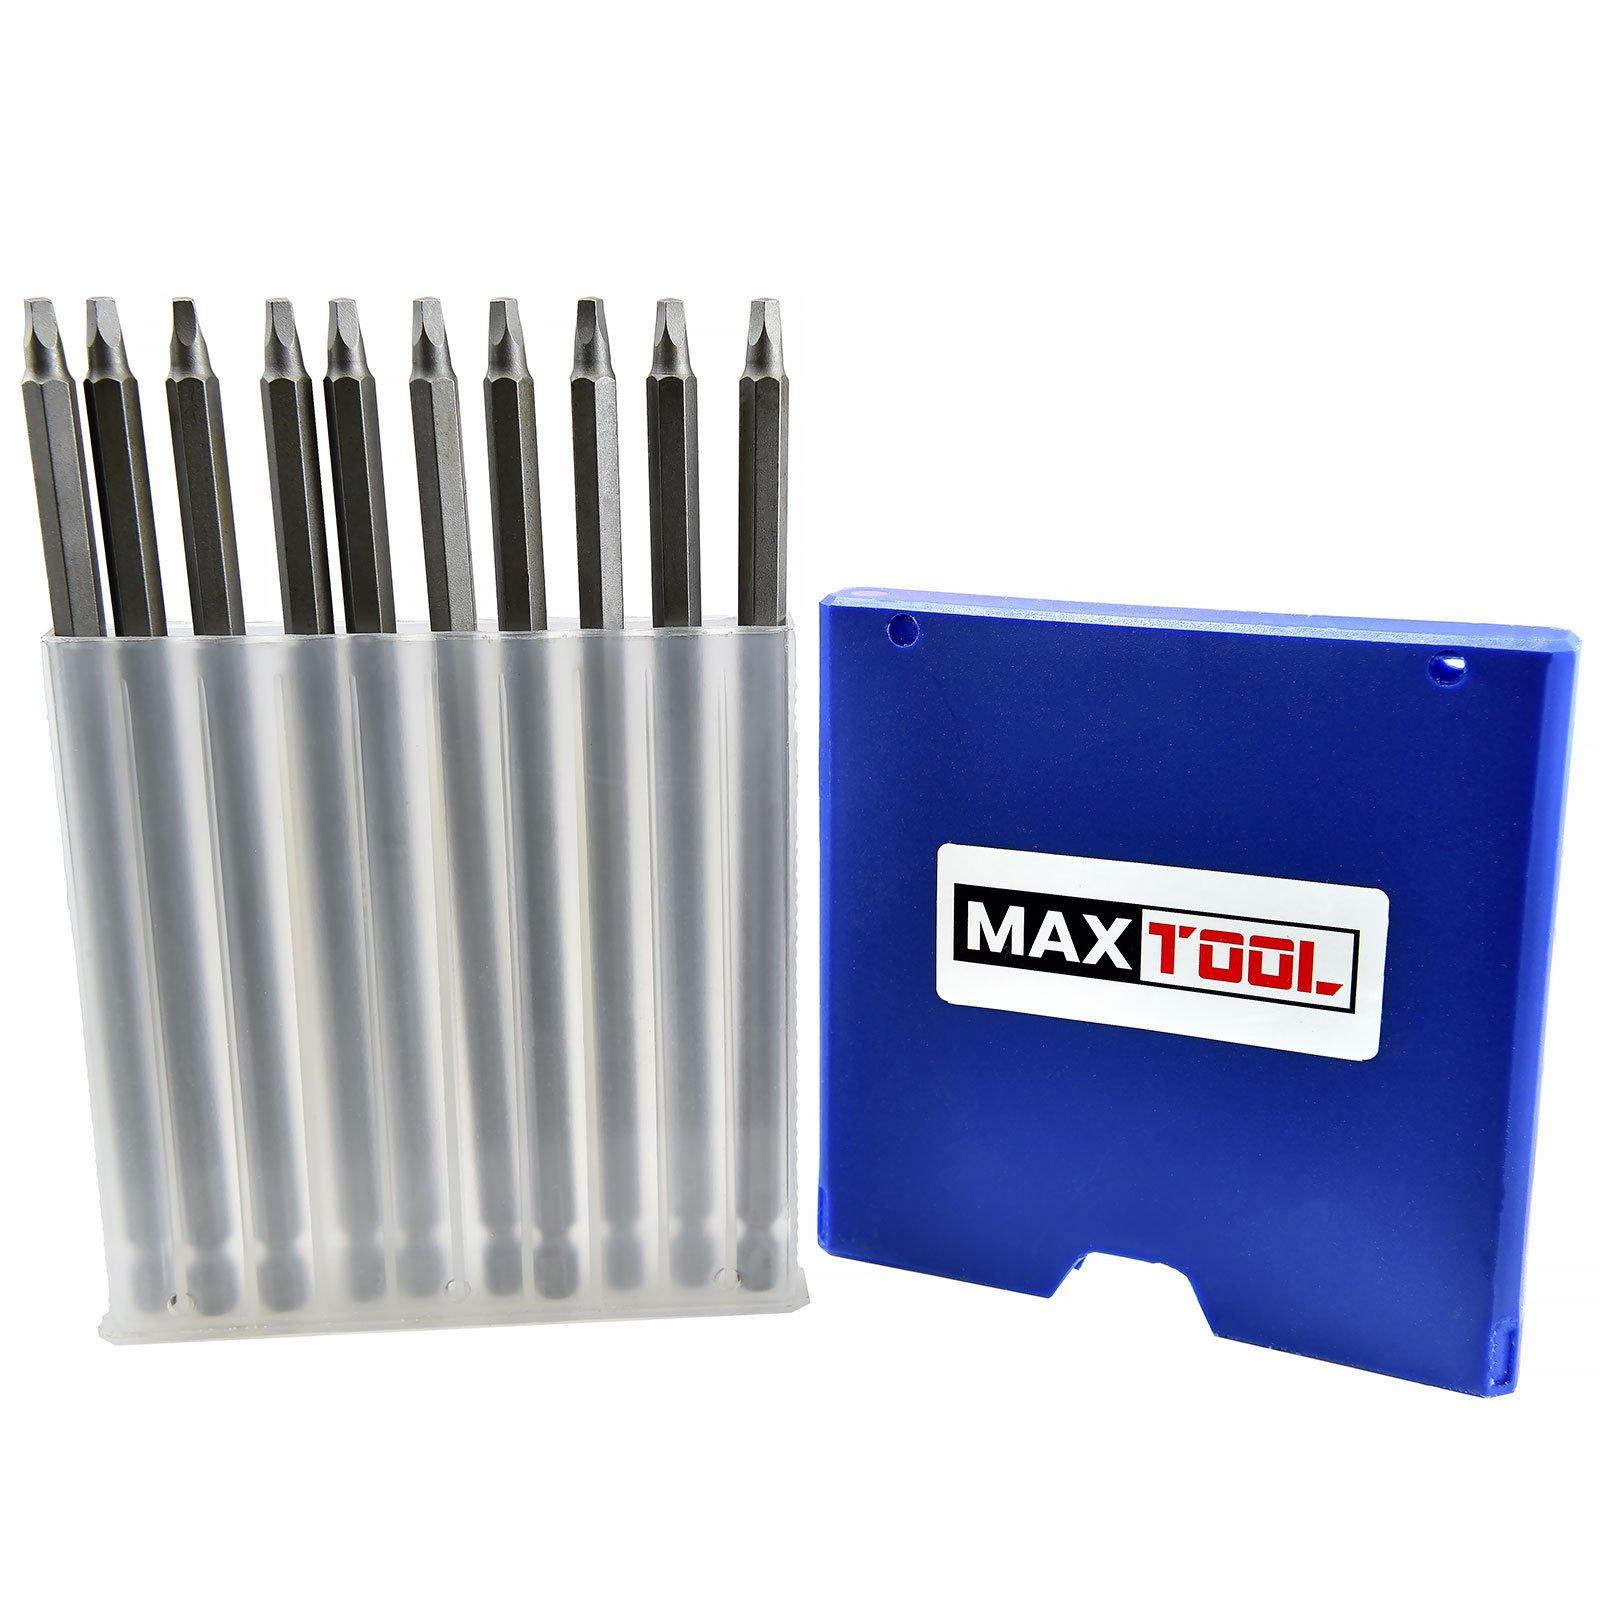 MaxTool 10PCs SQ2x6'' Identical Screwdriver Bit Set; Square Head #2; 6'' OAL; 1/4'' Hex; 6150 Alloy Steel; SQ2x6P10-6150